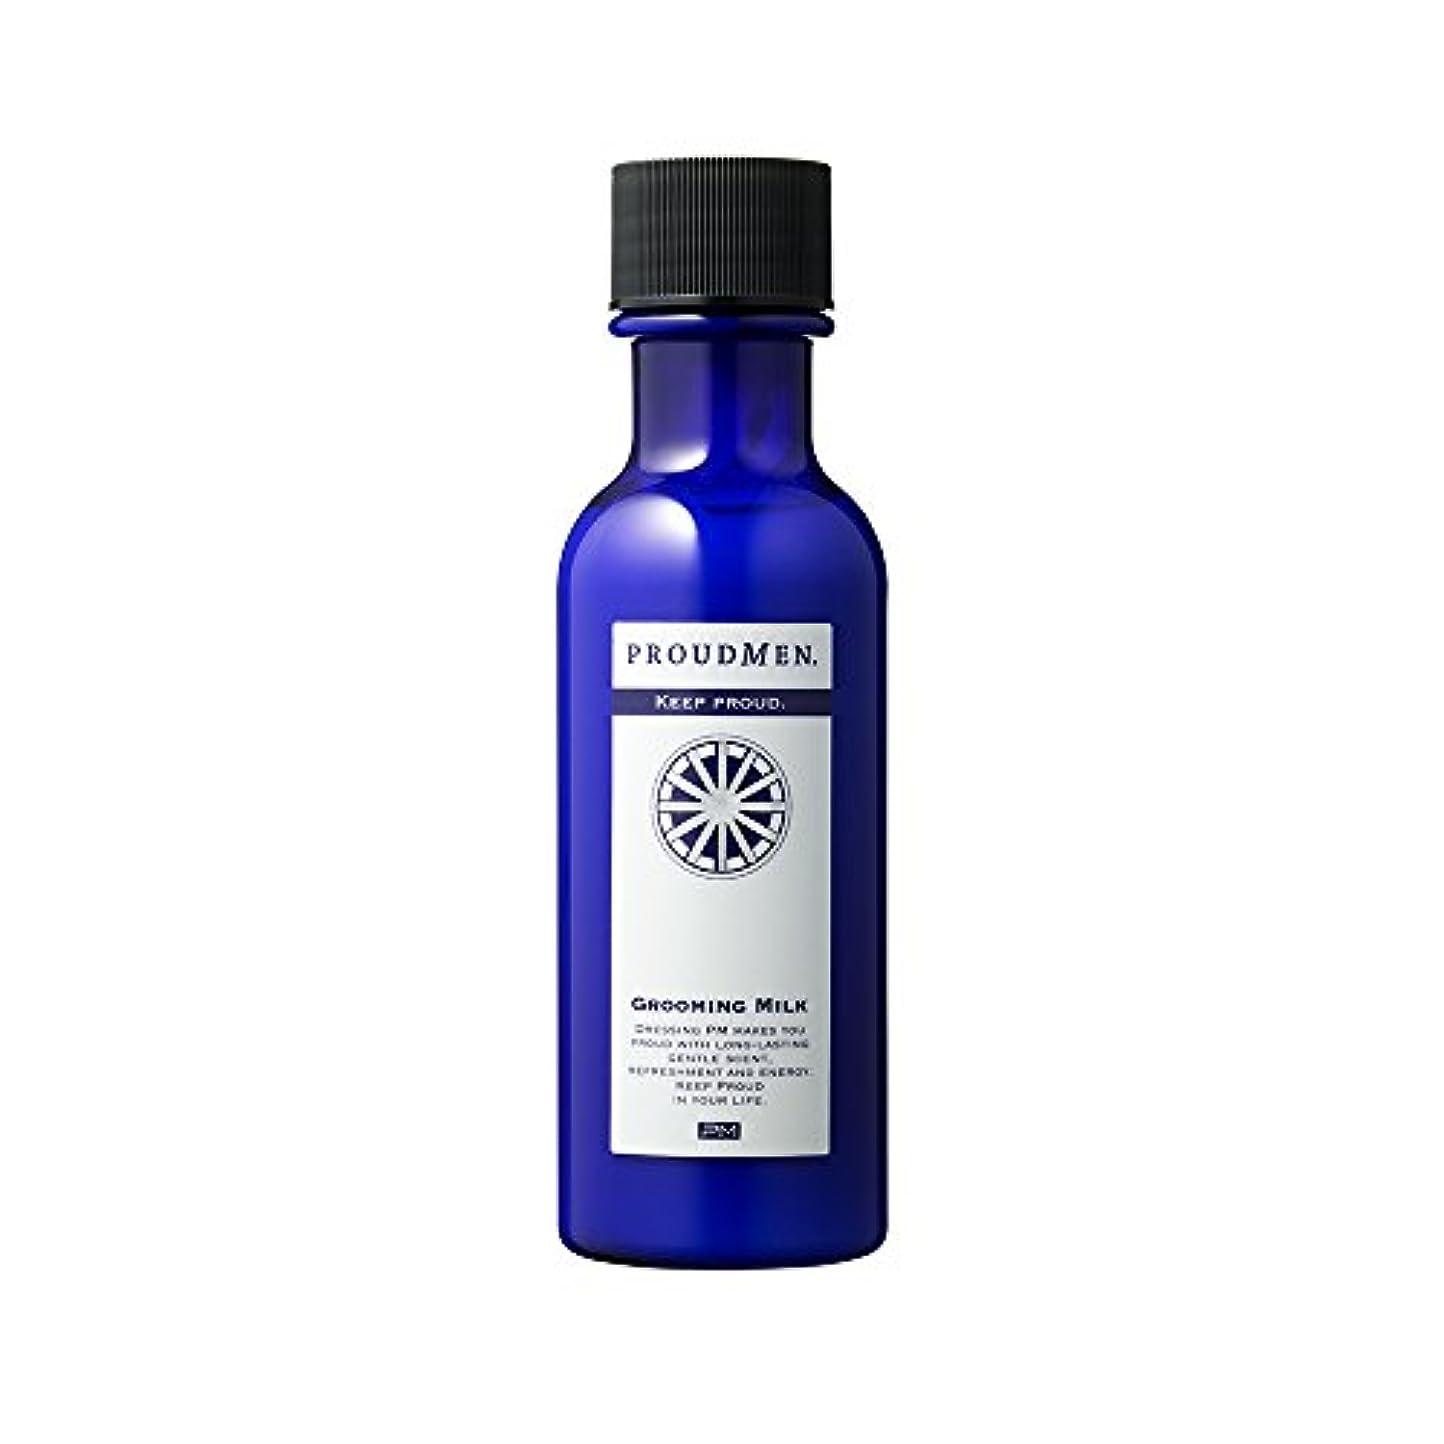 三代替パンプラウドメン グルーミングミルク 100ml 化粧水 メンズ アフターシェーブ